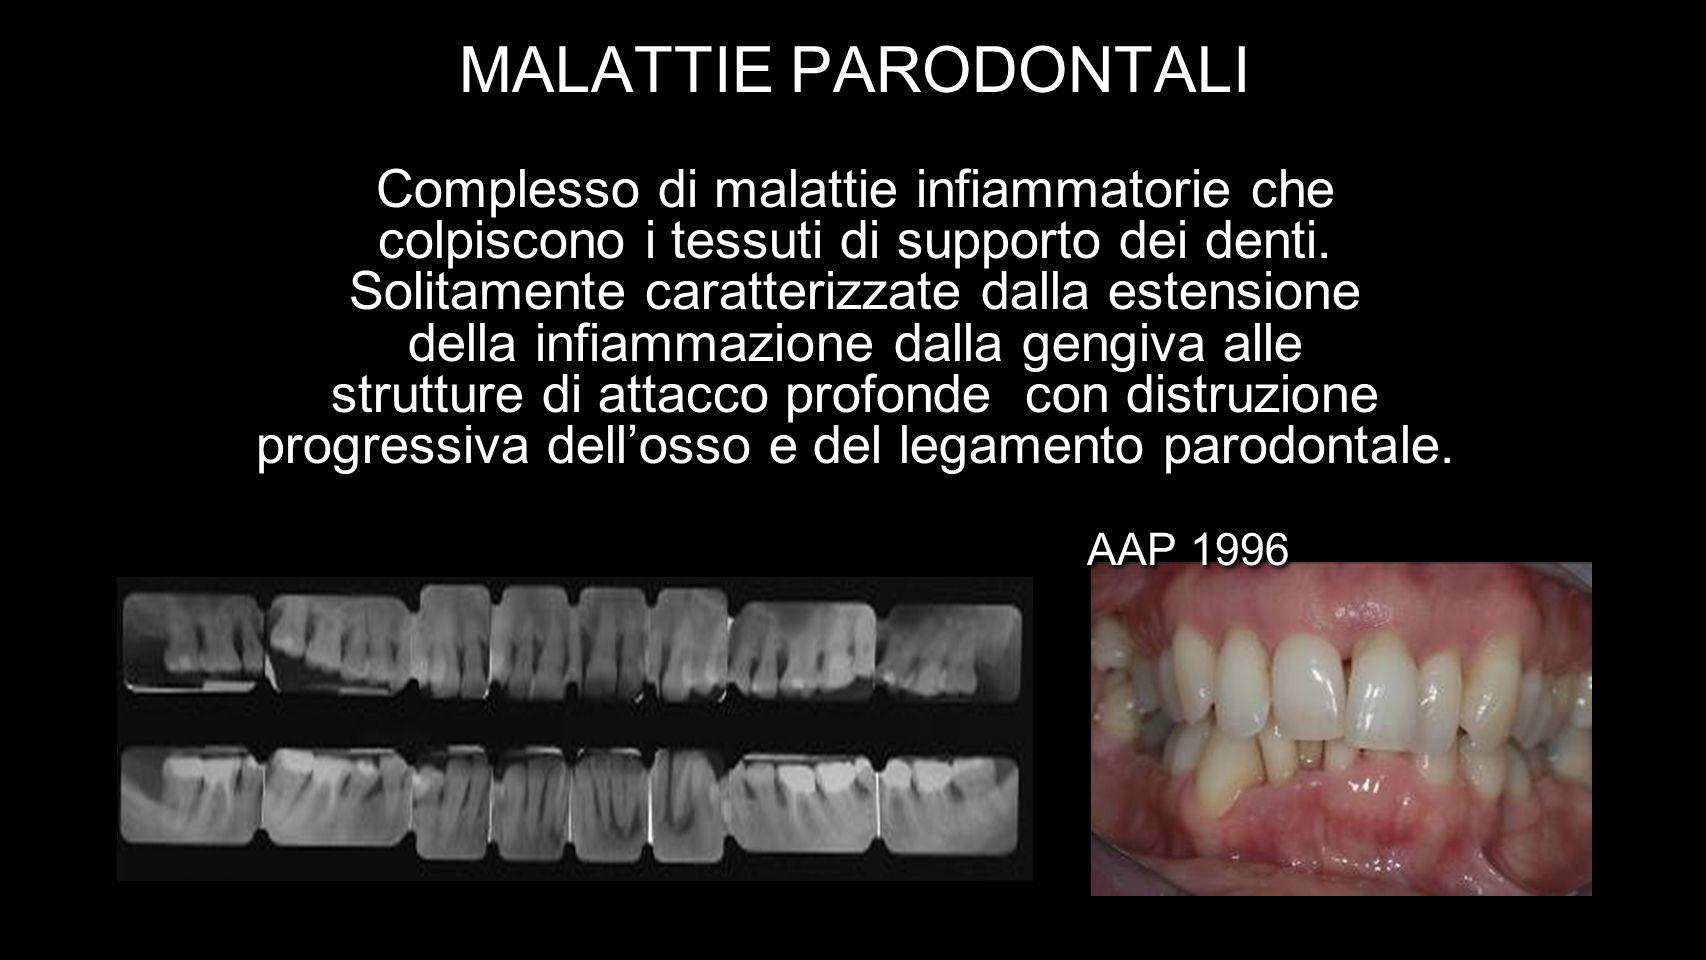 MALATTIE PARODONTALI Complesso di malattie infiammatorie che colpiscono i tessuti di supporto dei denti.